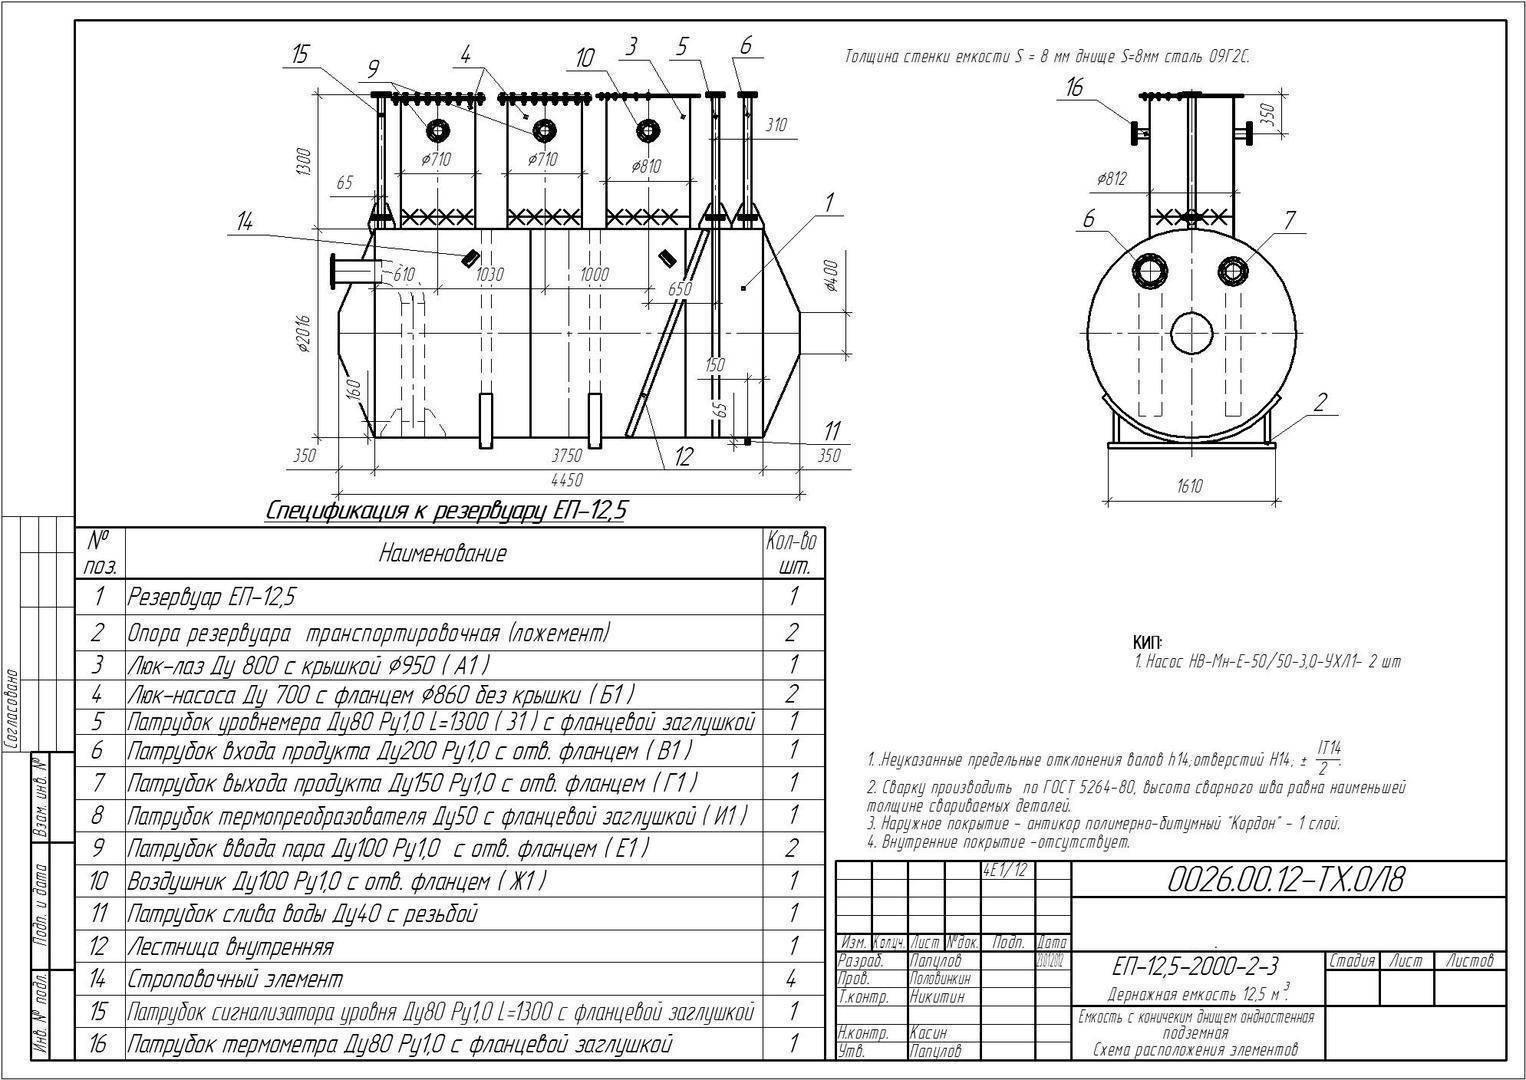 Дренажные пластиковые колодцы: плюсы и минусы, разновидности емкостей и особенности монтажа. технические условия на емкости подземные горизонтальные дренажные типов еп, епп емкости подземные металлические